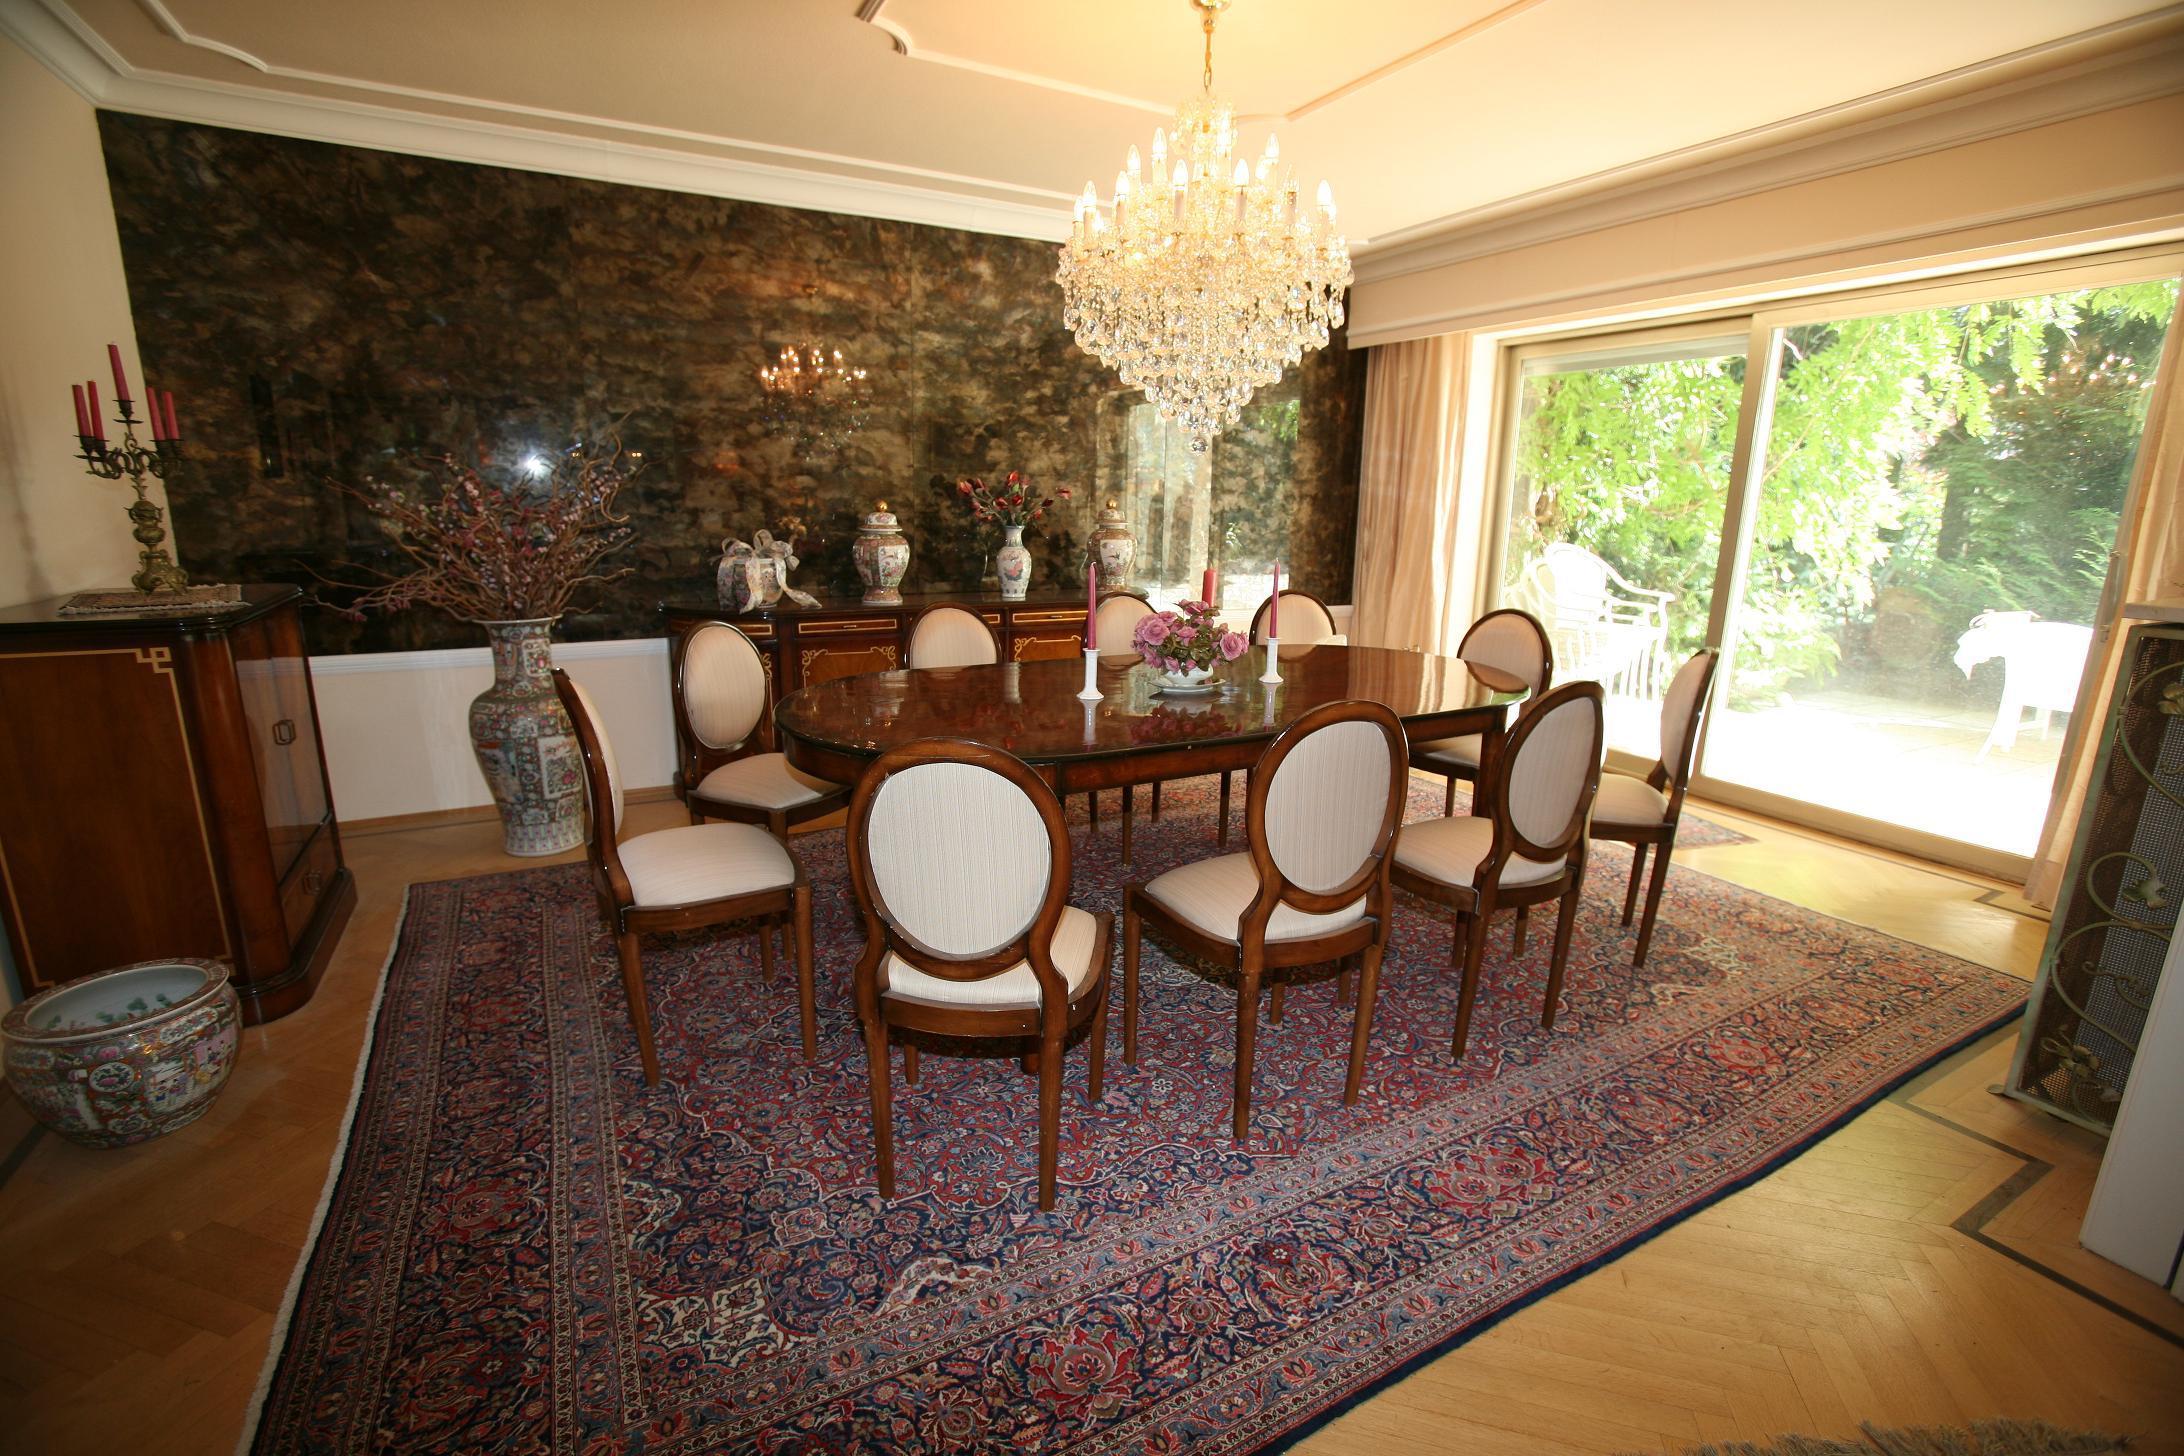 Фото №4 квартиры в Мюнхен за 3.500.000  евро евро